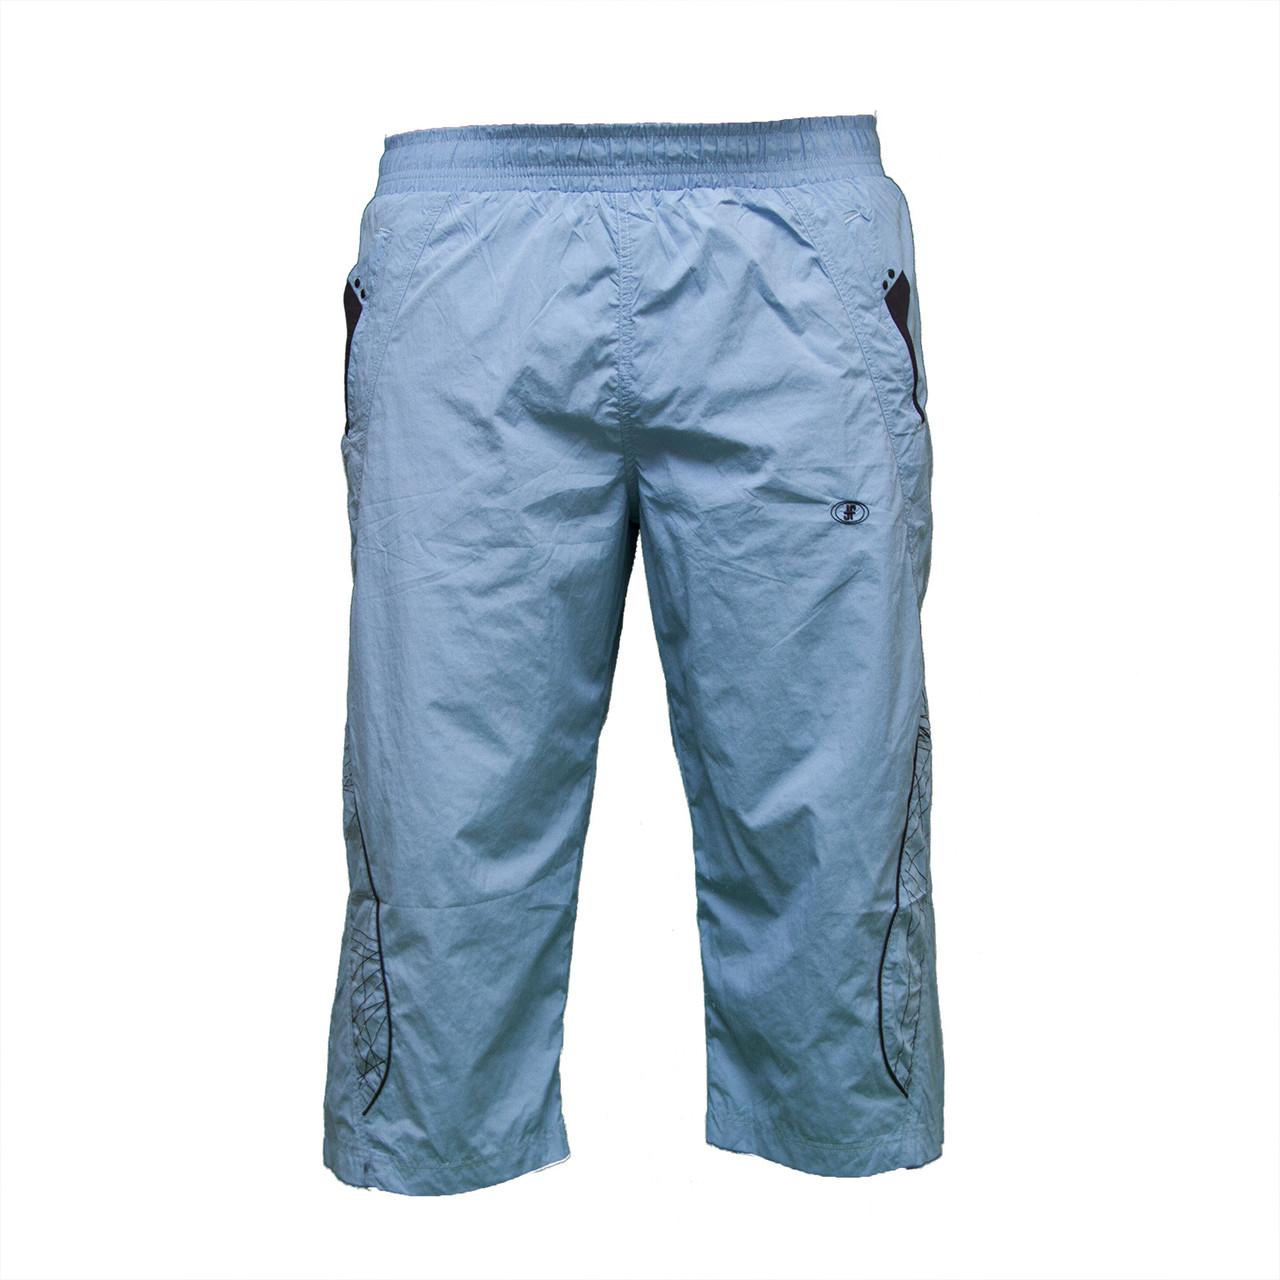 Мужские турецкие капри т.м. FORE фабричный пошив  C1002-4